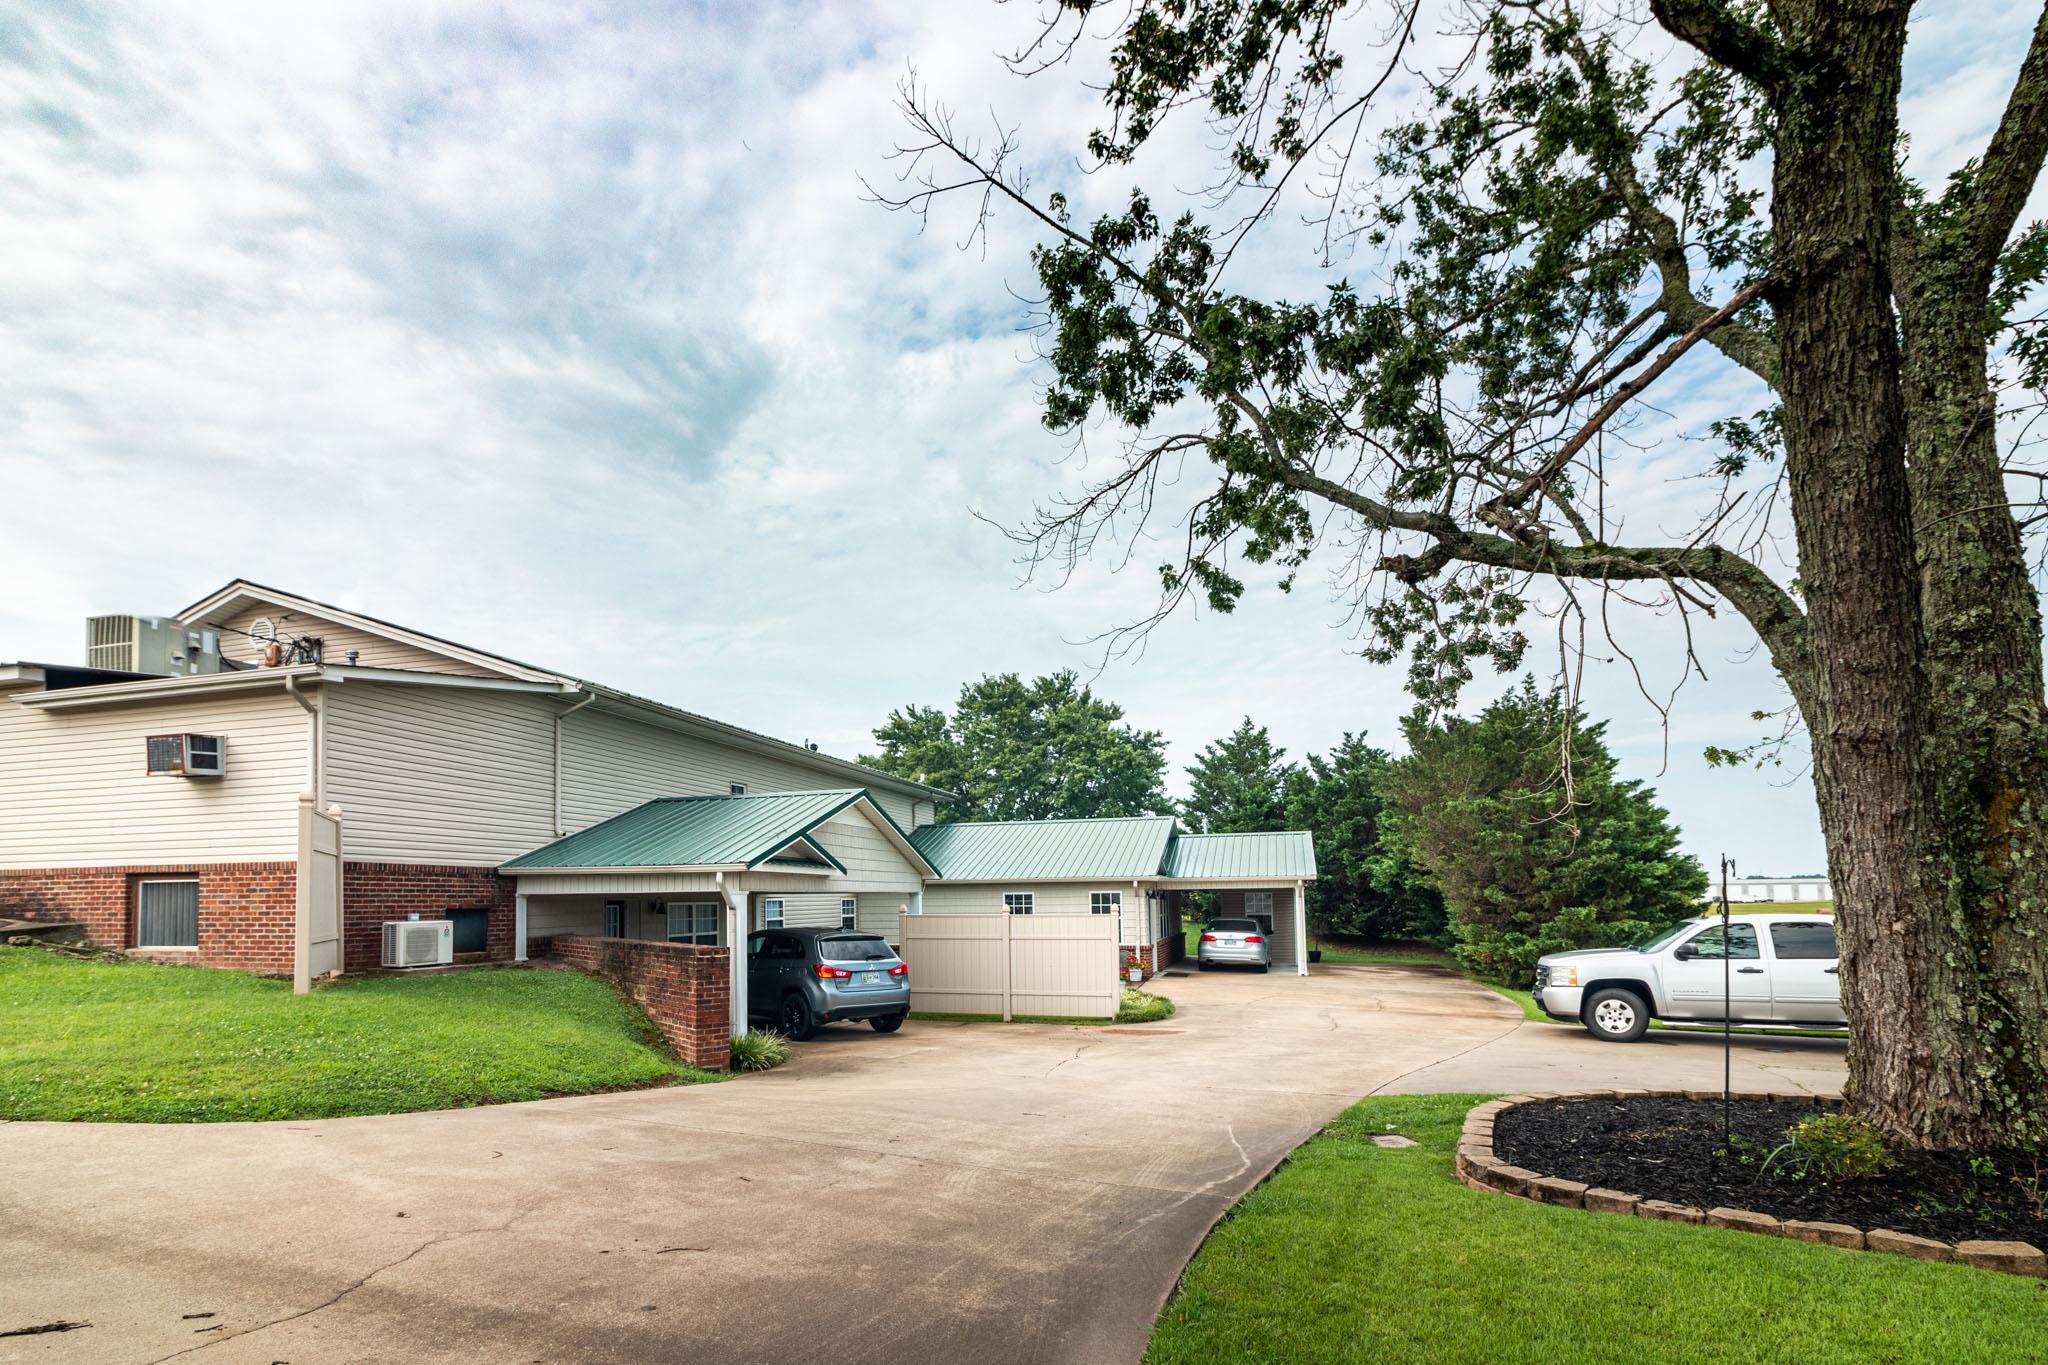 935 Military St N, Loretto, TN 38469 - Loretto, TN real estate listing